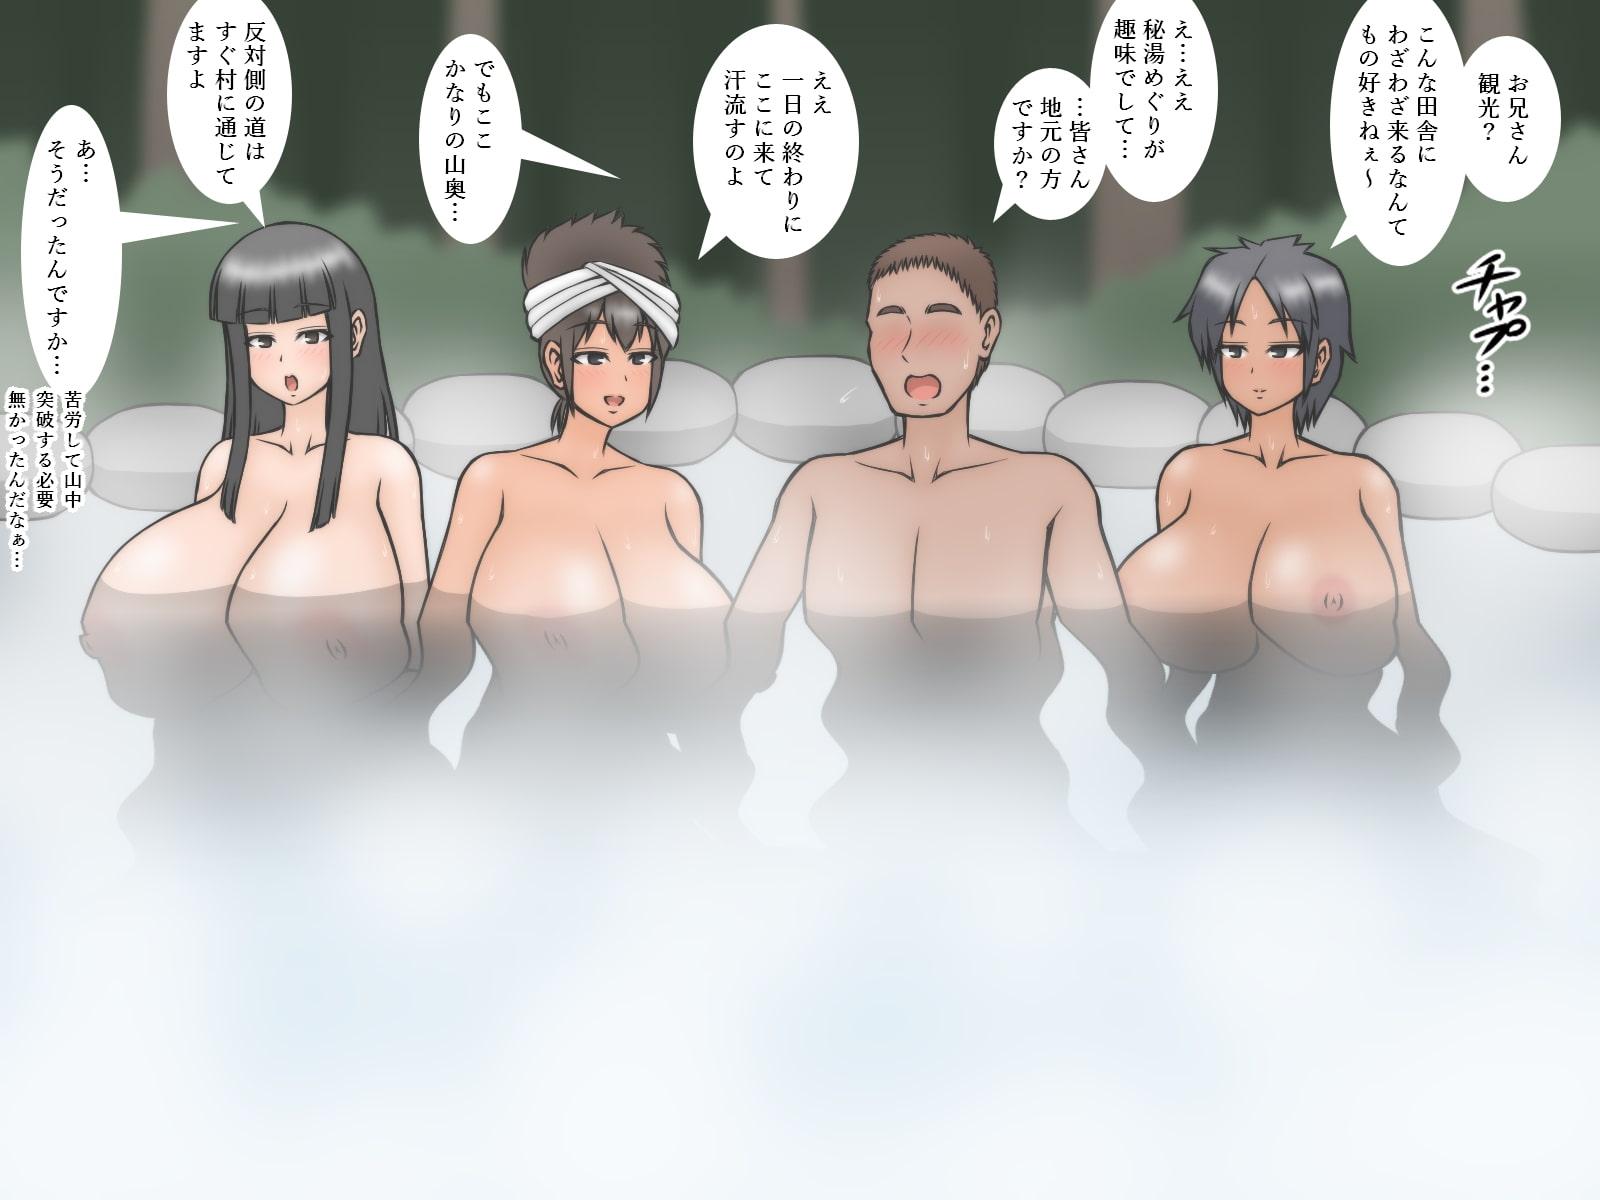 秘湯で会った人妻たちに種付けした話